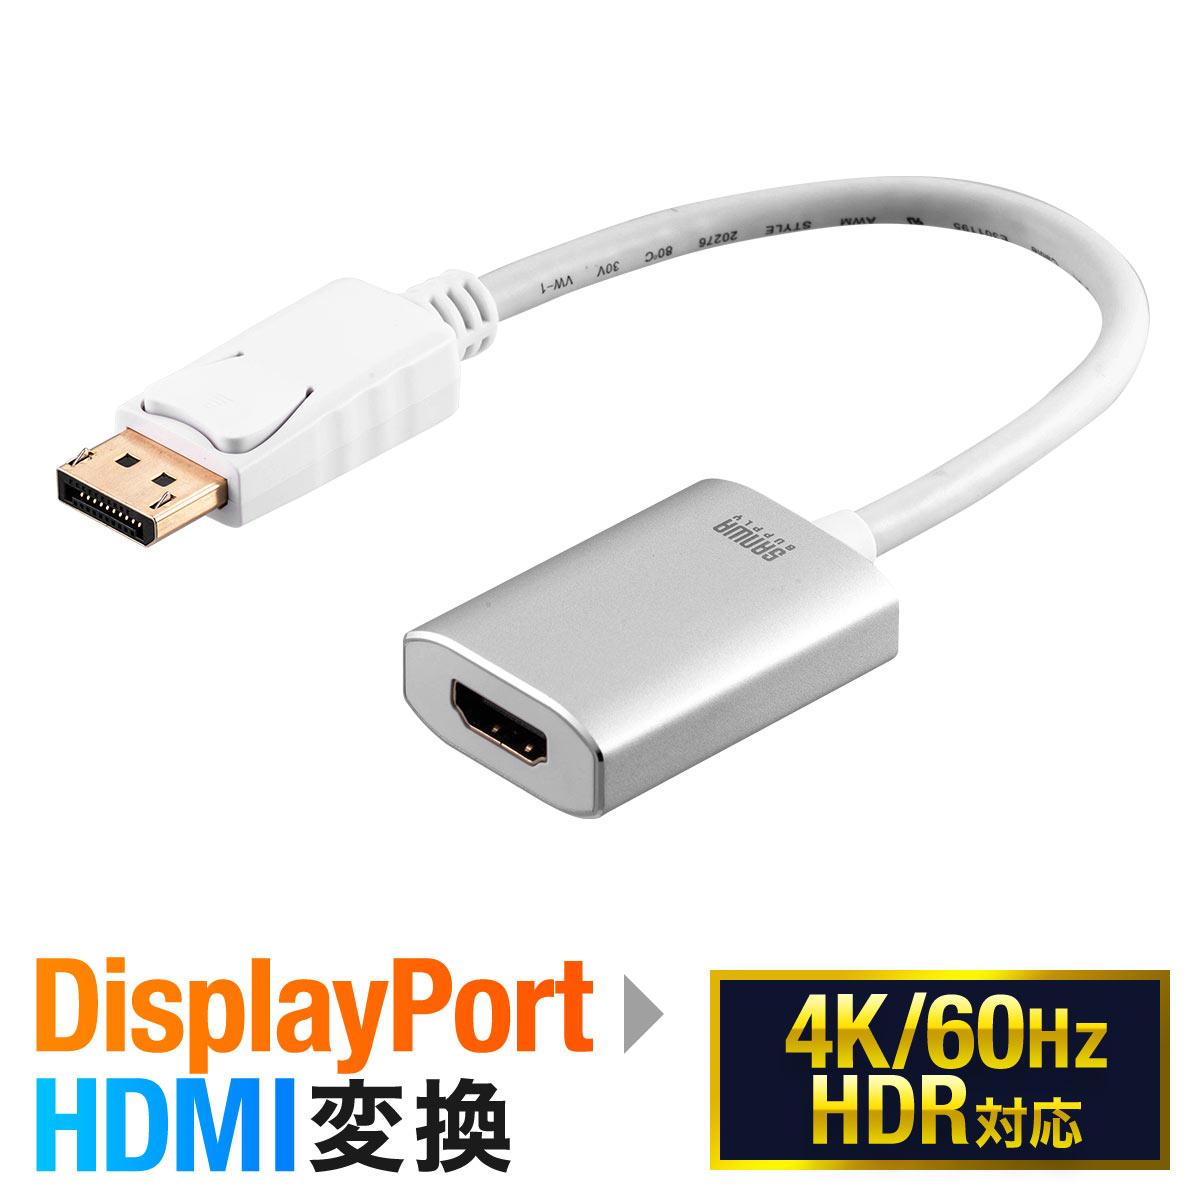 [500-KC034]【サンワダイレクト限定品】【ネコポス対応】【送料無料】 DisplayPort-HDMI変換アダプタ 4K/60Hz対応 HDR対応 15cm 音声出力可能 ホワイト